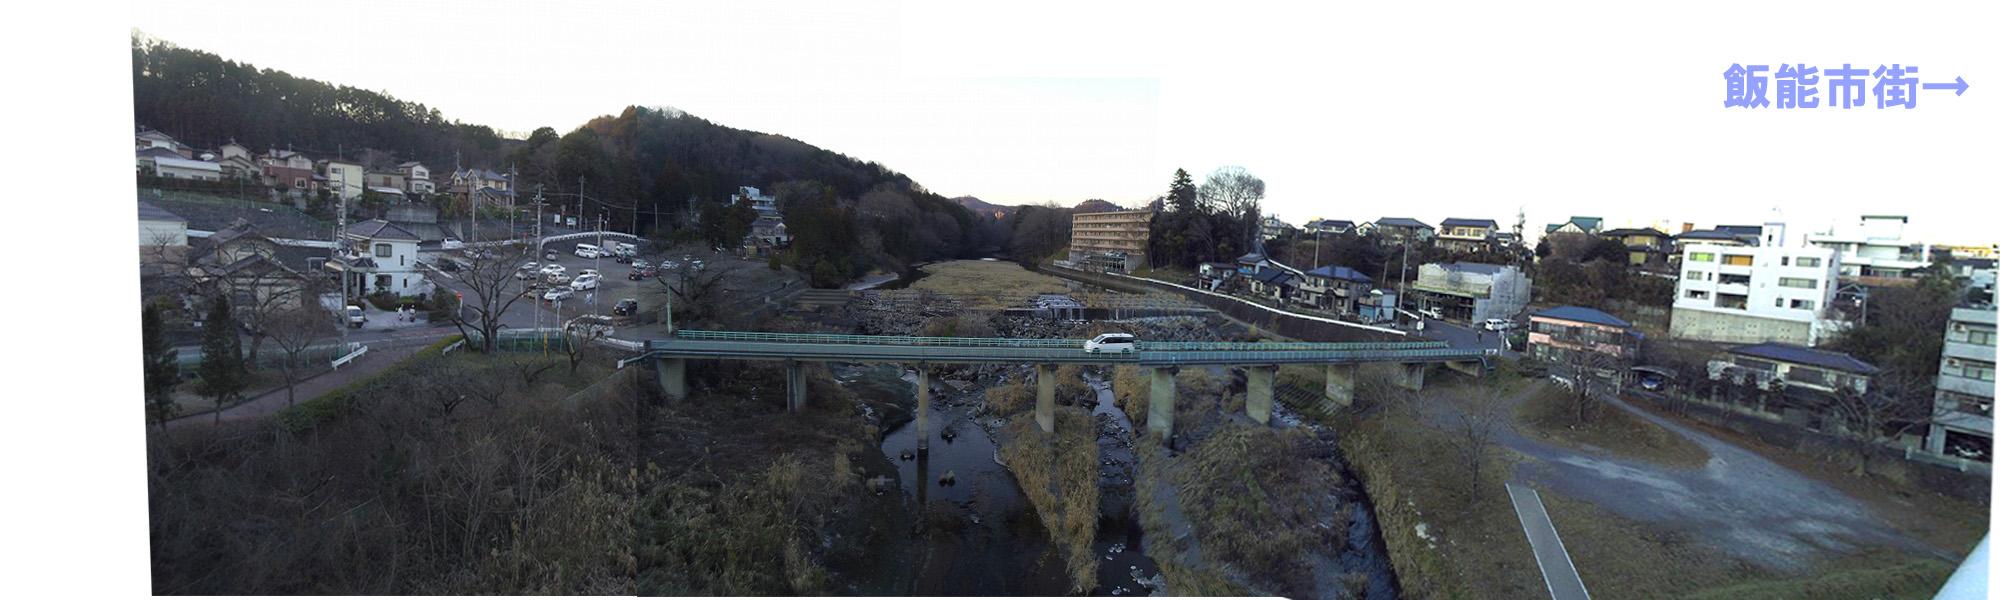 1月8日 飯能 河岸段丘